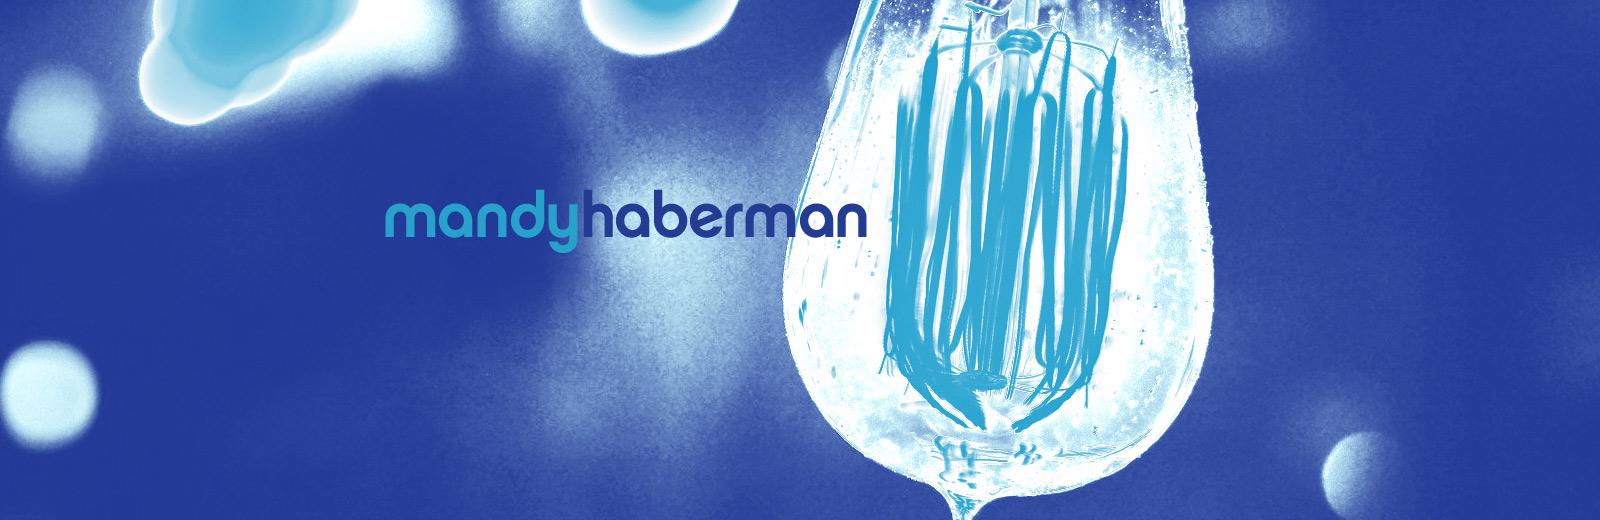 Lightbulb in blue